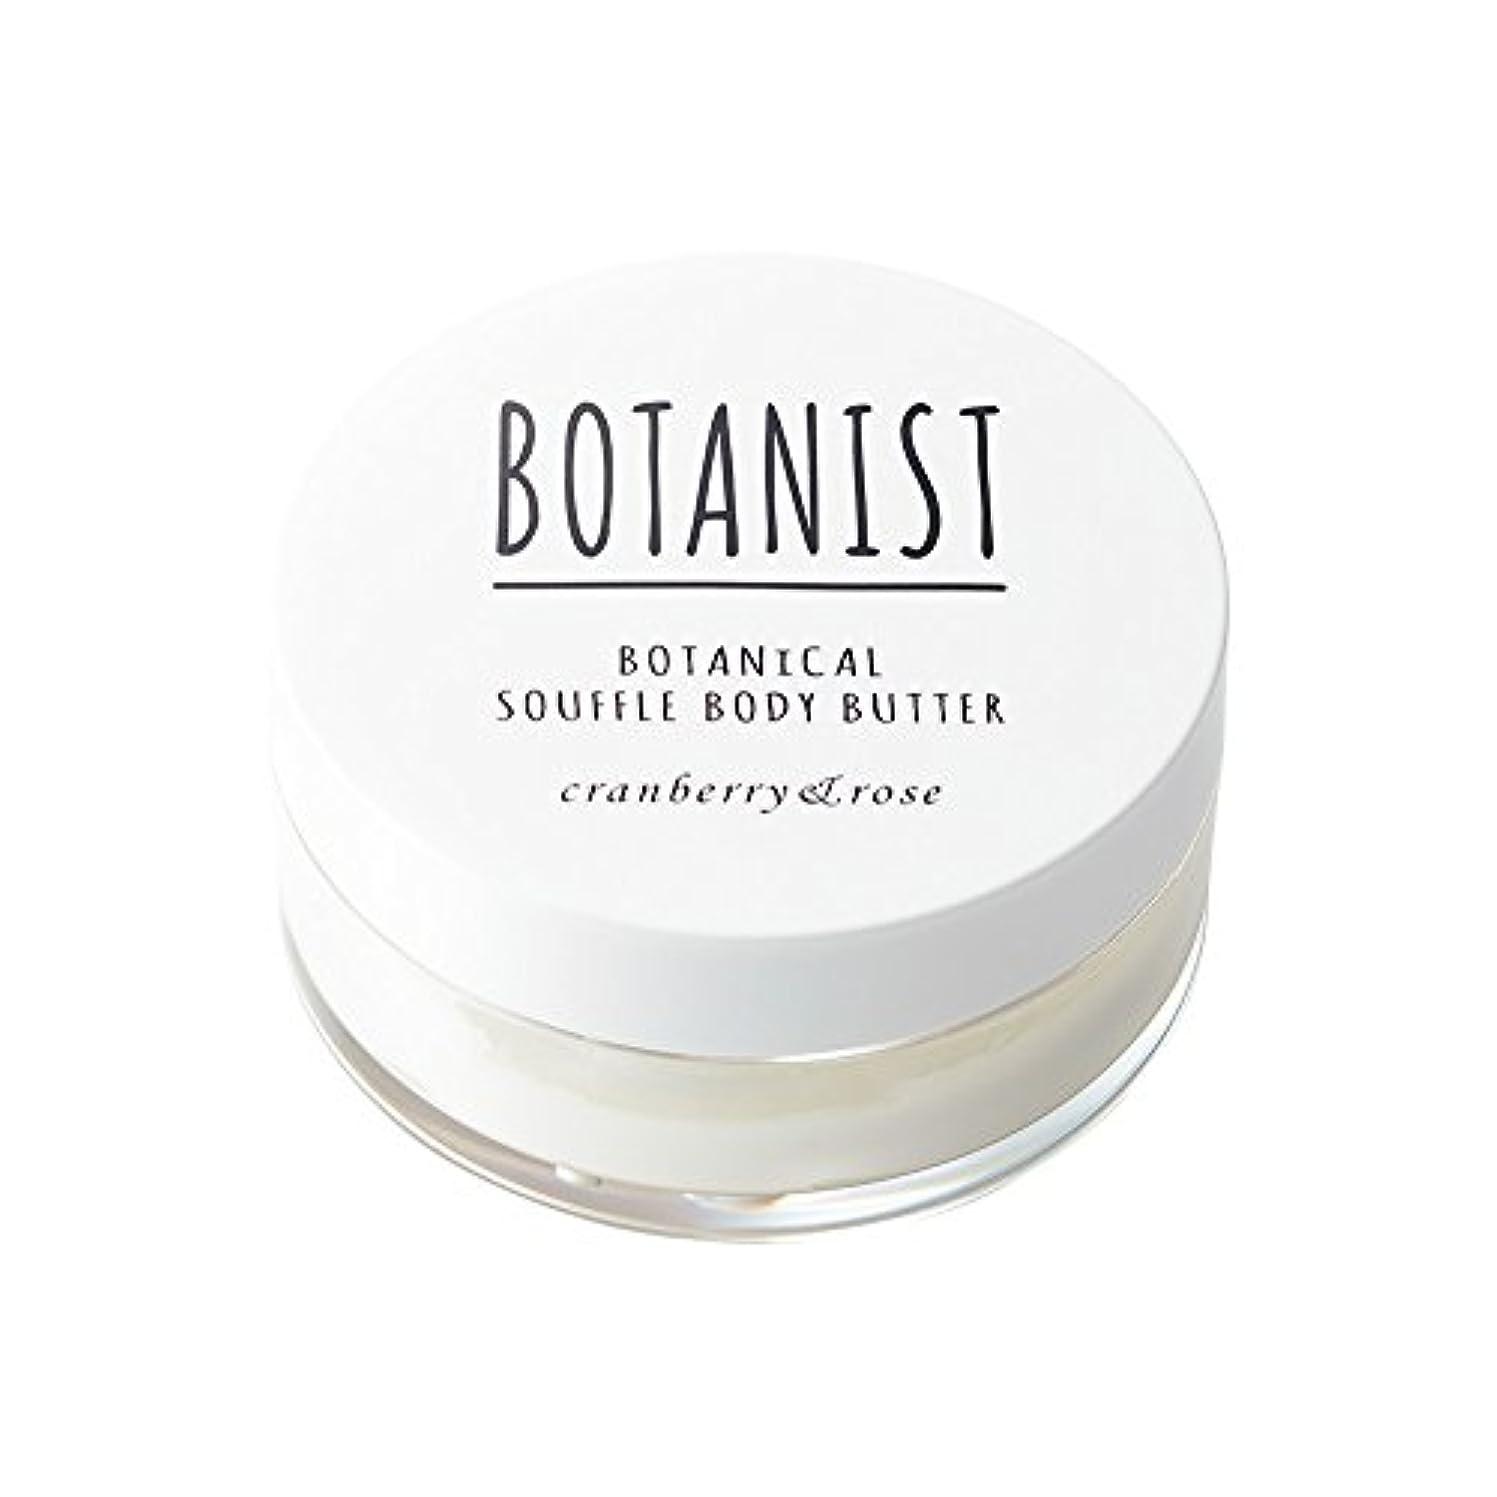 ご注意やるそれに応じてBOTANIST ボタニスト ボタニカル スフレボディーバター 100g クランベリー&ローズ